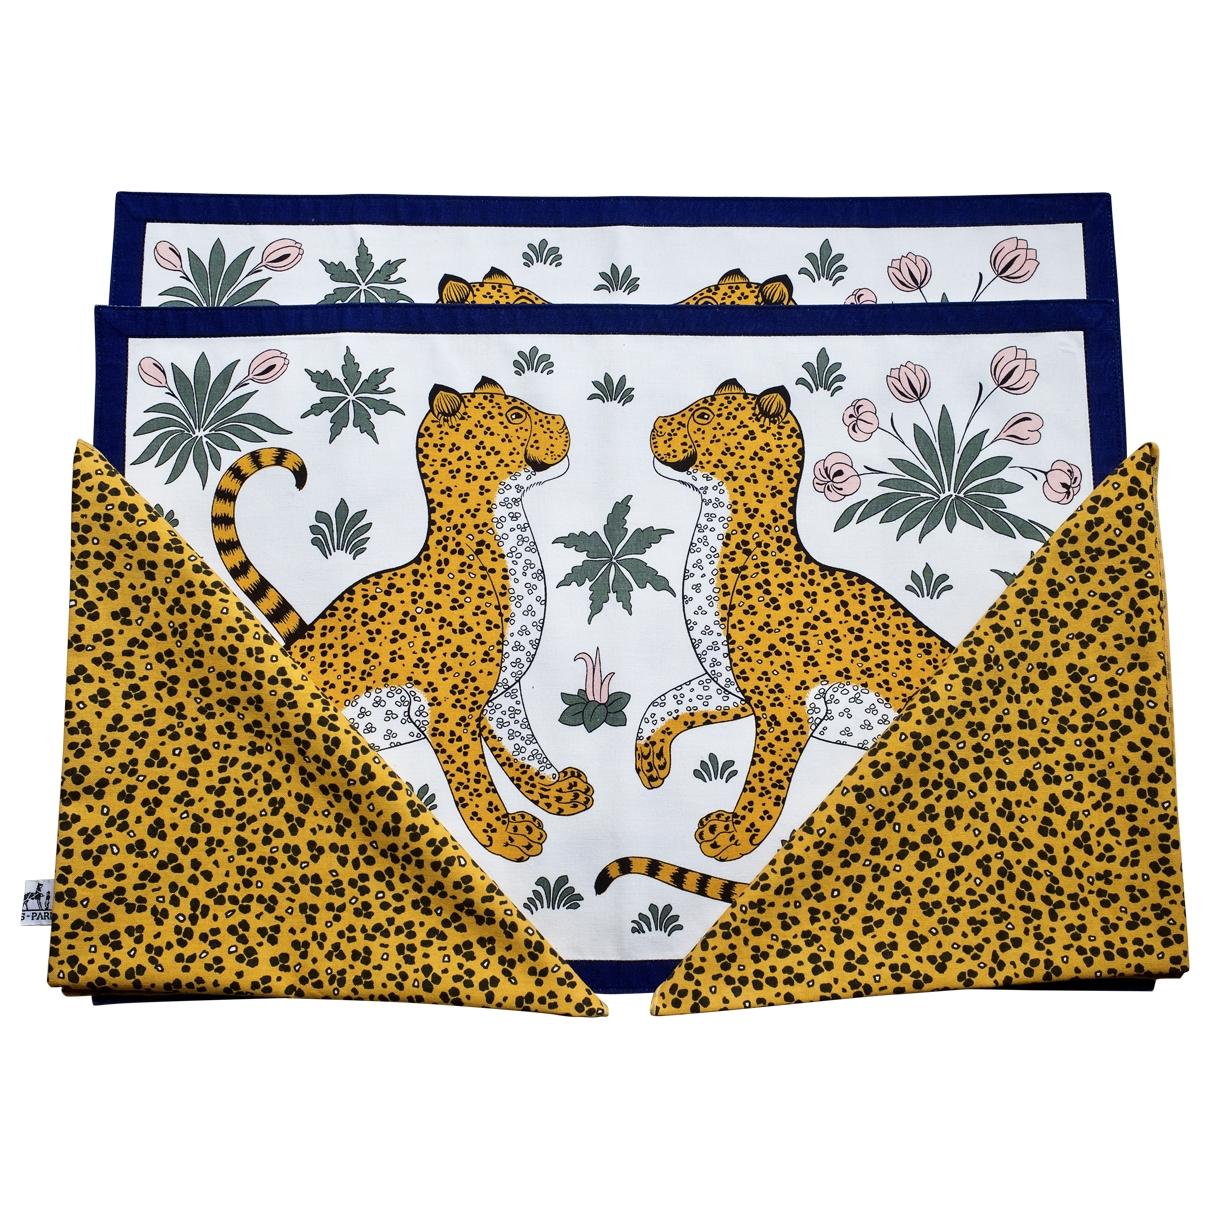 Hermès Les Léopards Multicolour Cotton Textiles for Life & Living \N